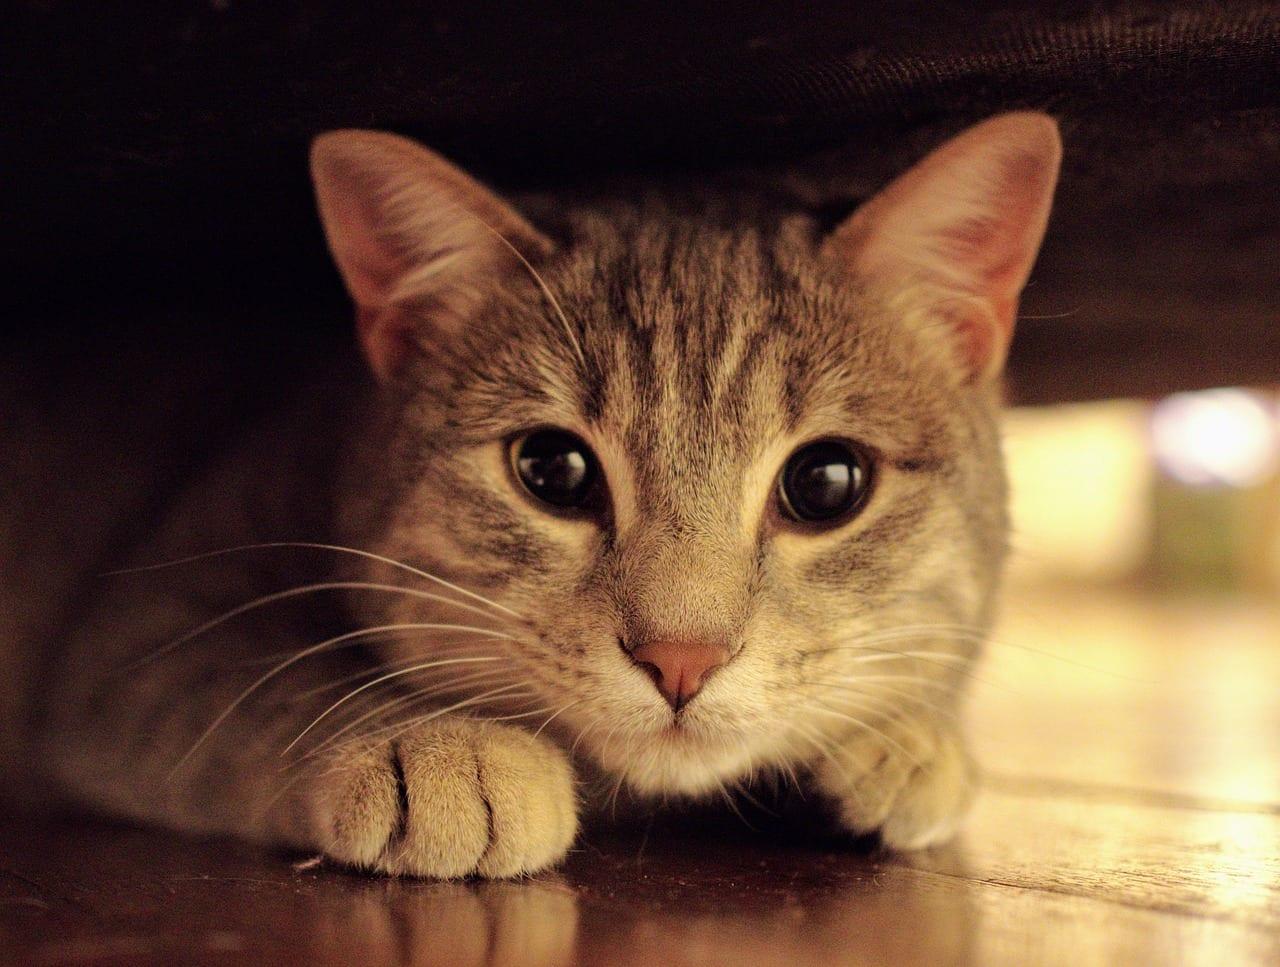 Es nuestra responsabilidad llevar al gato al veterinario cada vez que esté enfermo